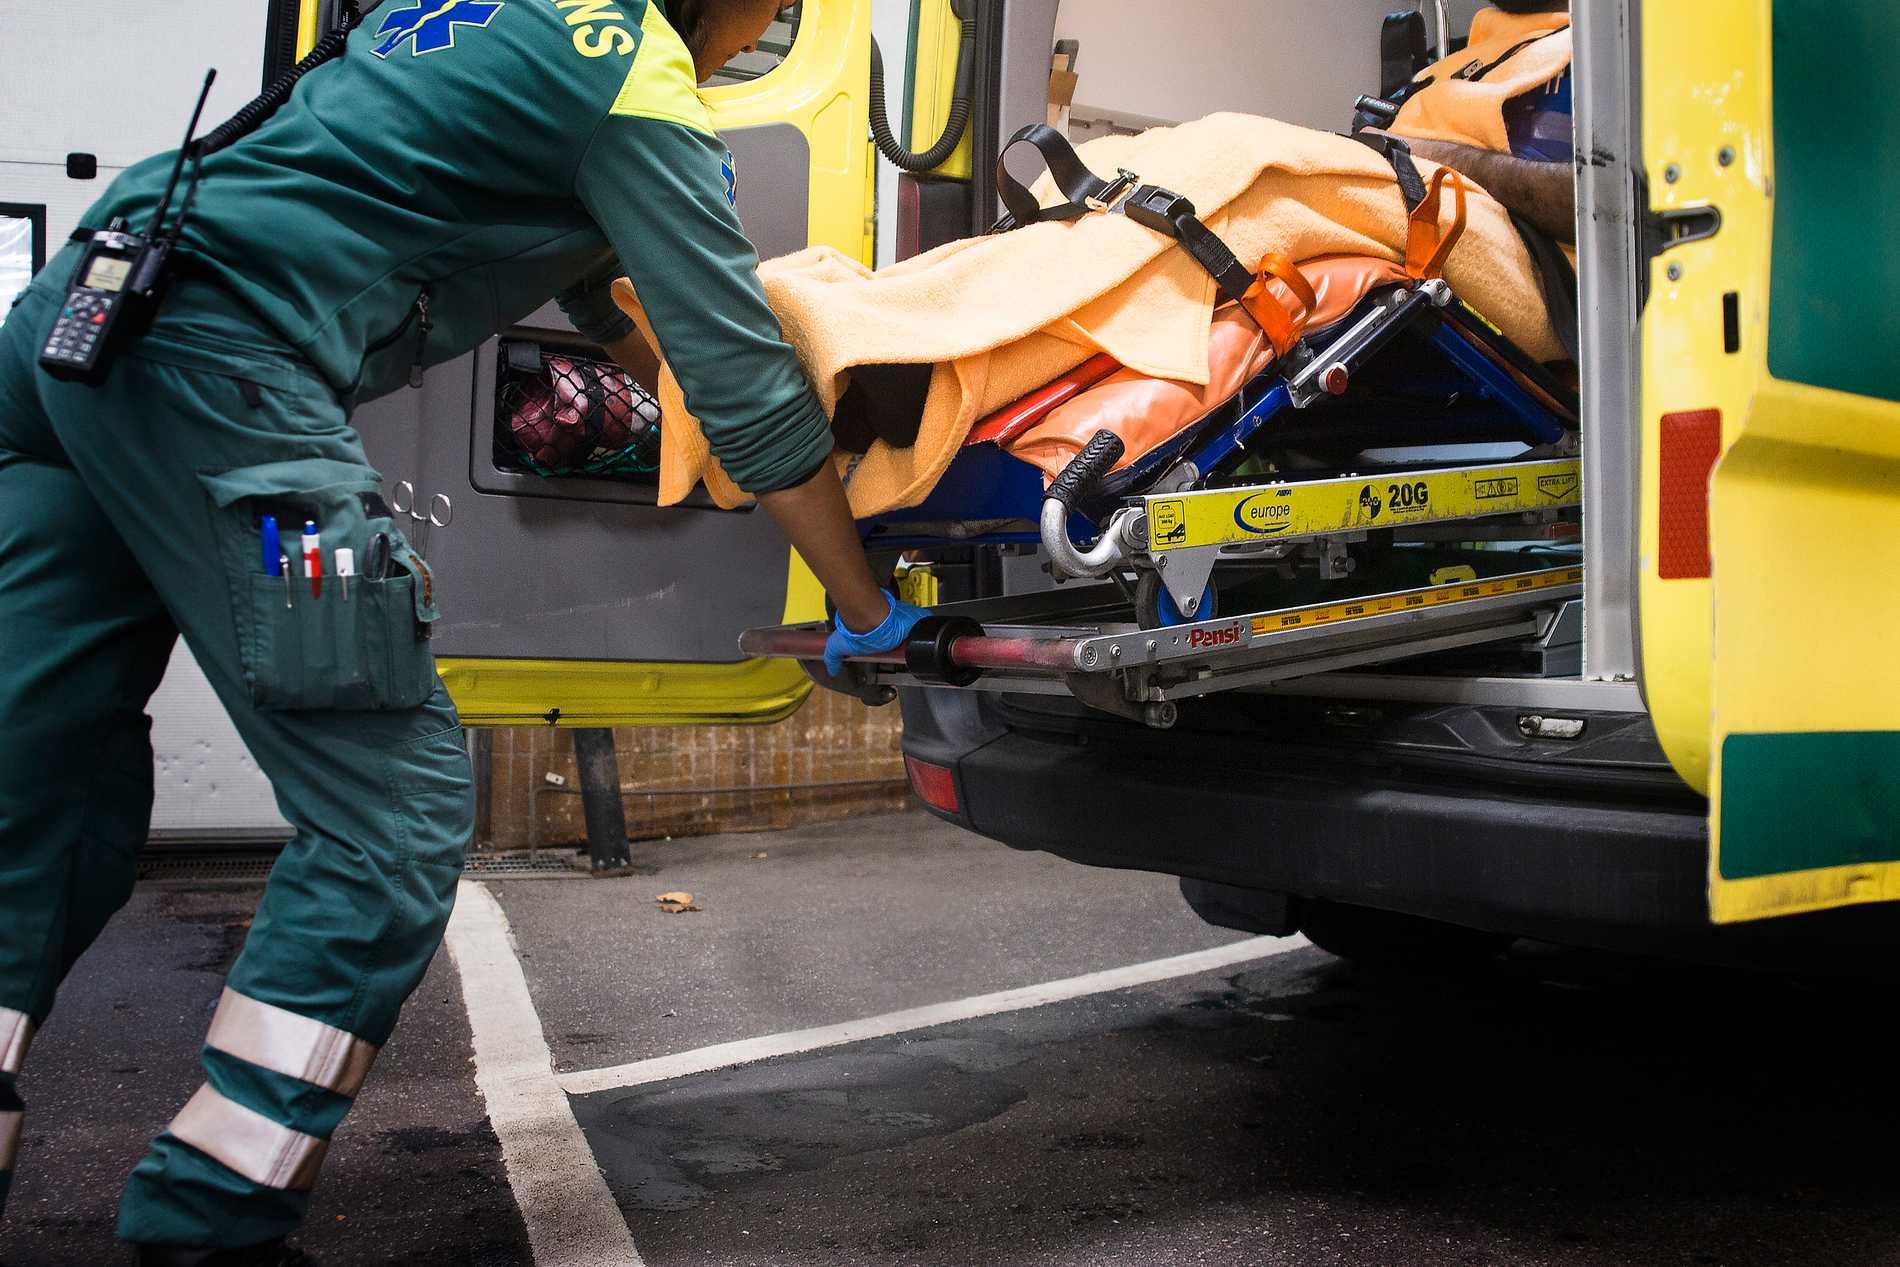 Fler läggs in på sjukhus i Stockholms län efter fallolyckor än på sjukhus i Gävleborgs län. Arkivbild.